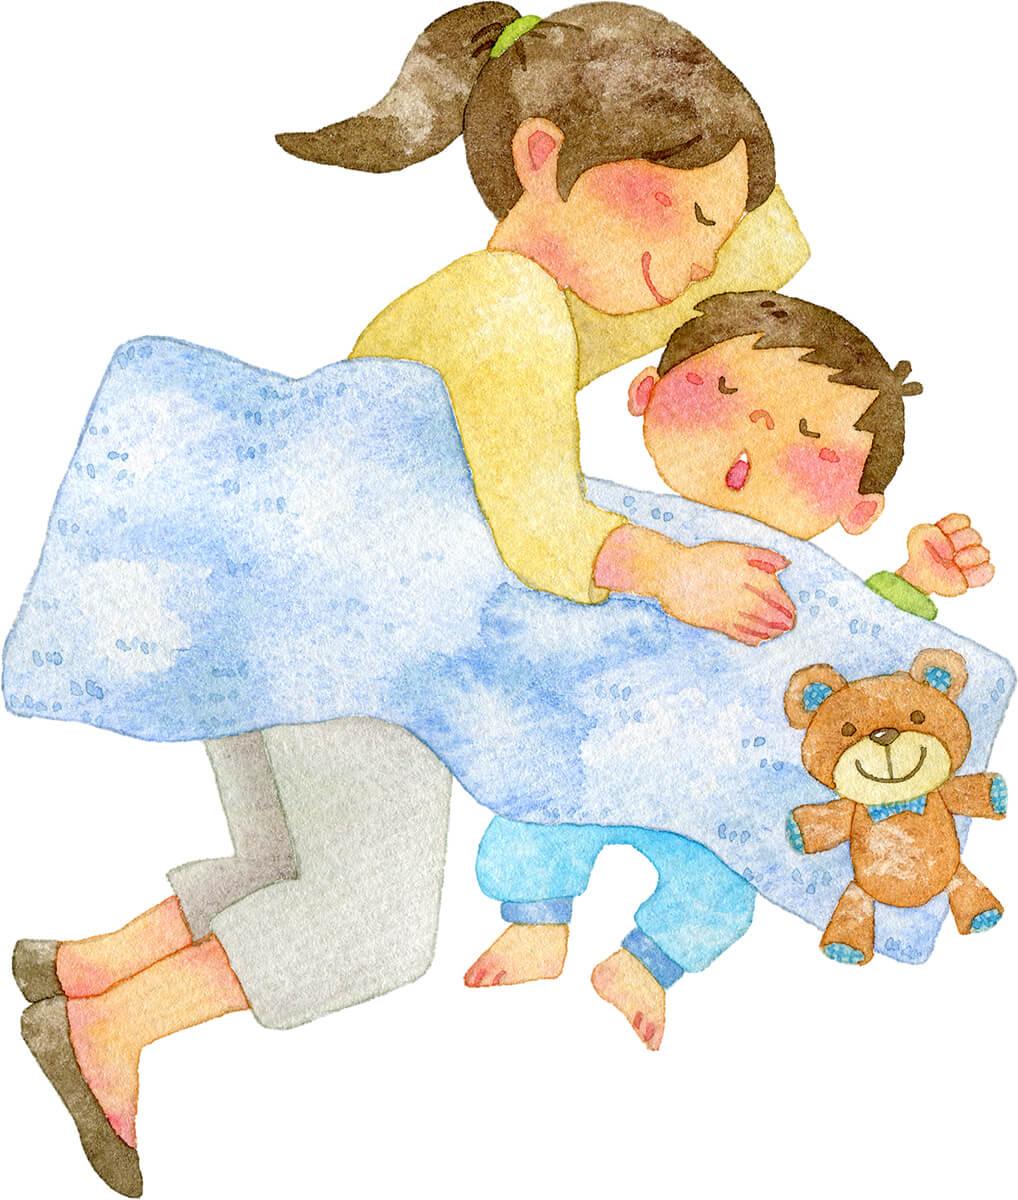 子供の寝かしつけ方法!ついイライラしてしまうあなたへ★